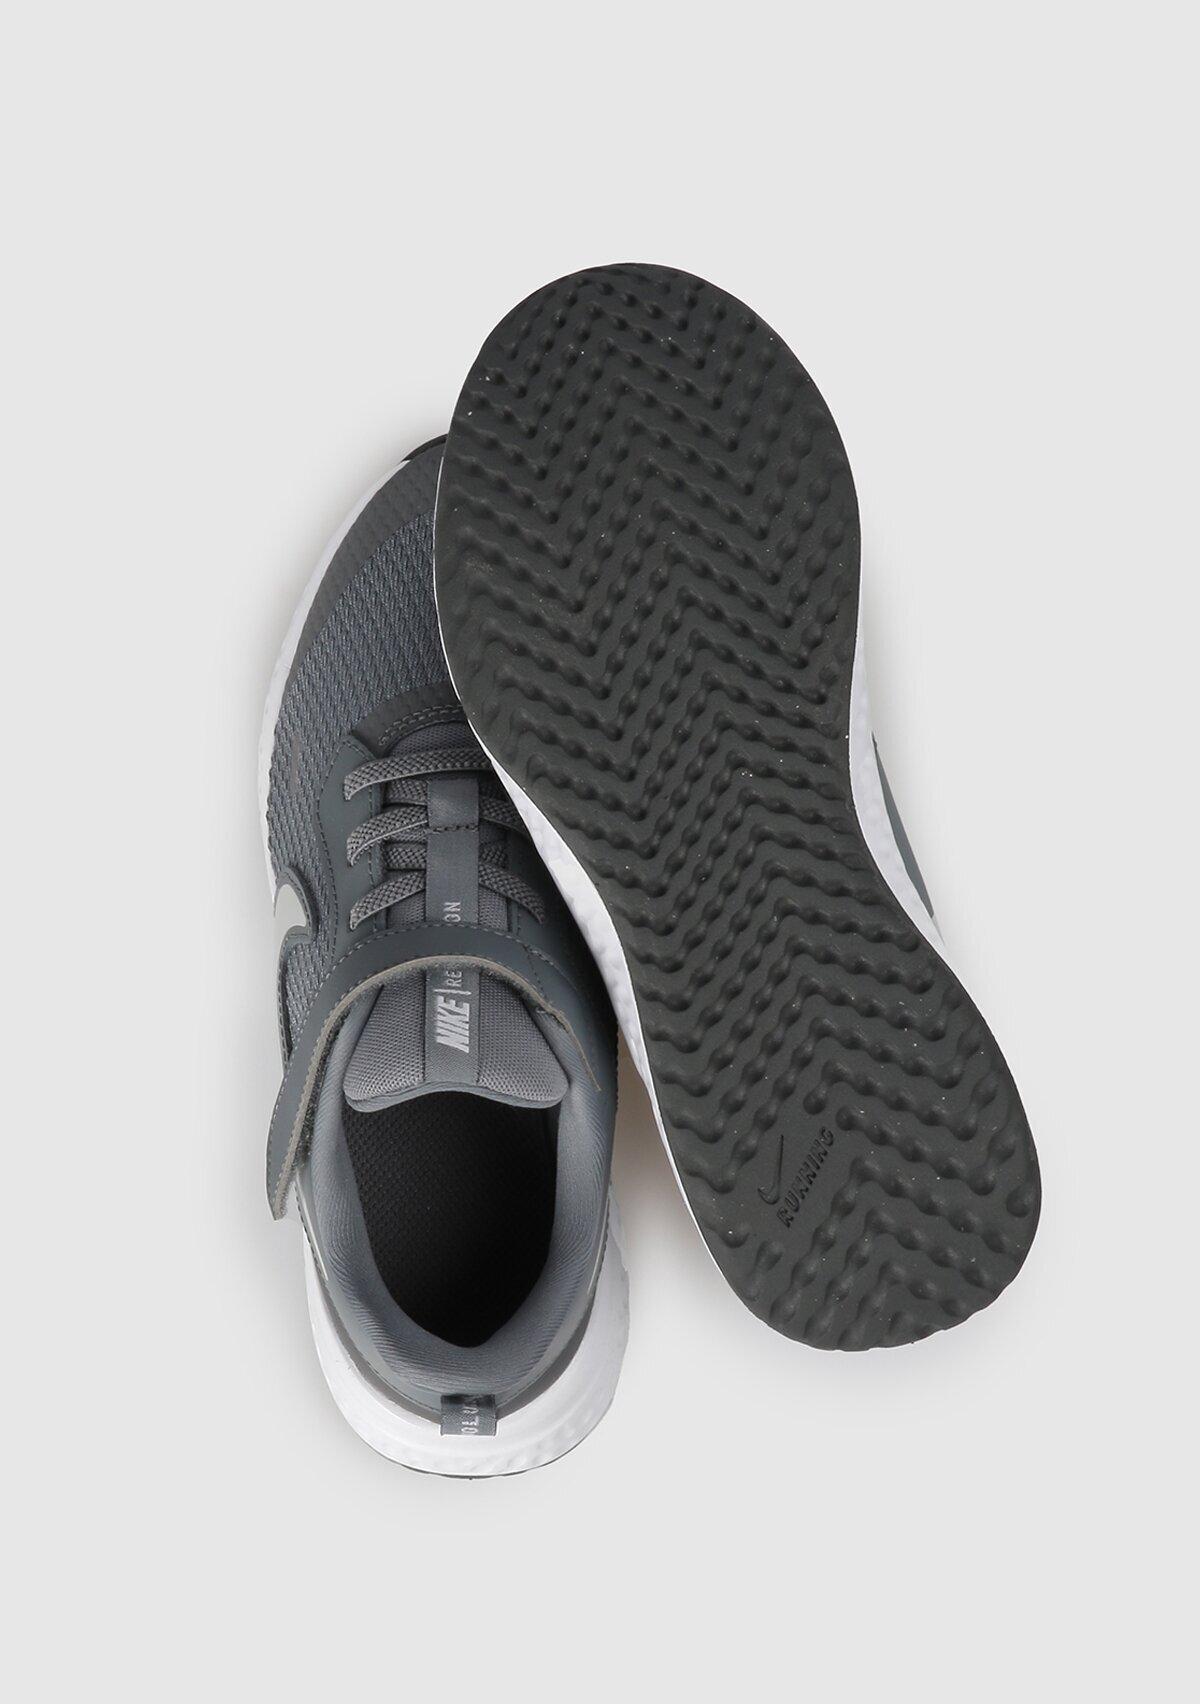 resm Revolution 5 Gri Unisex Spor Ayakkabısı Bq5672-004